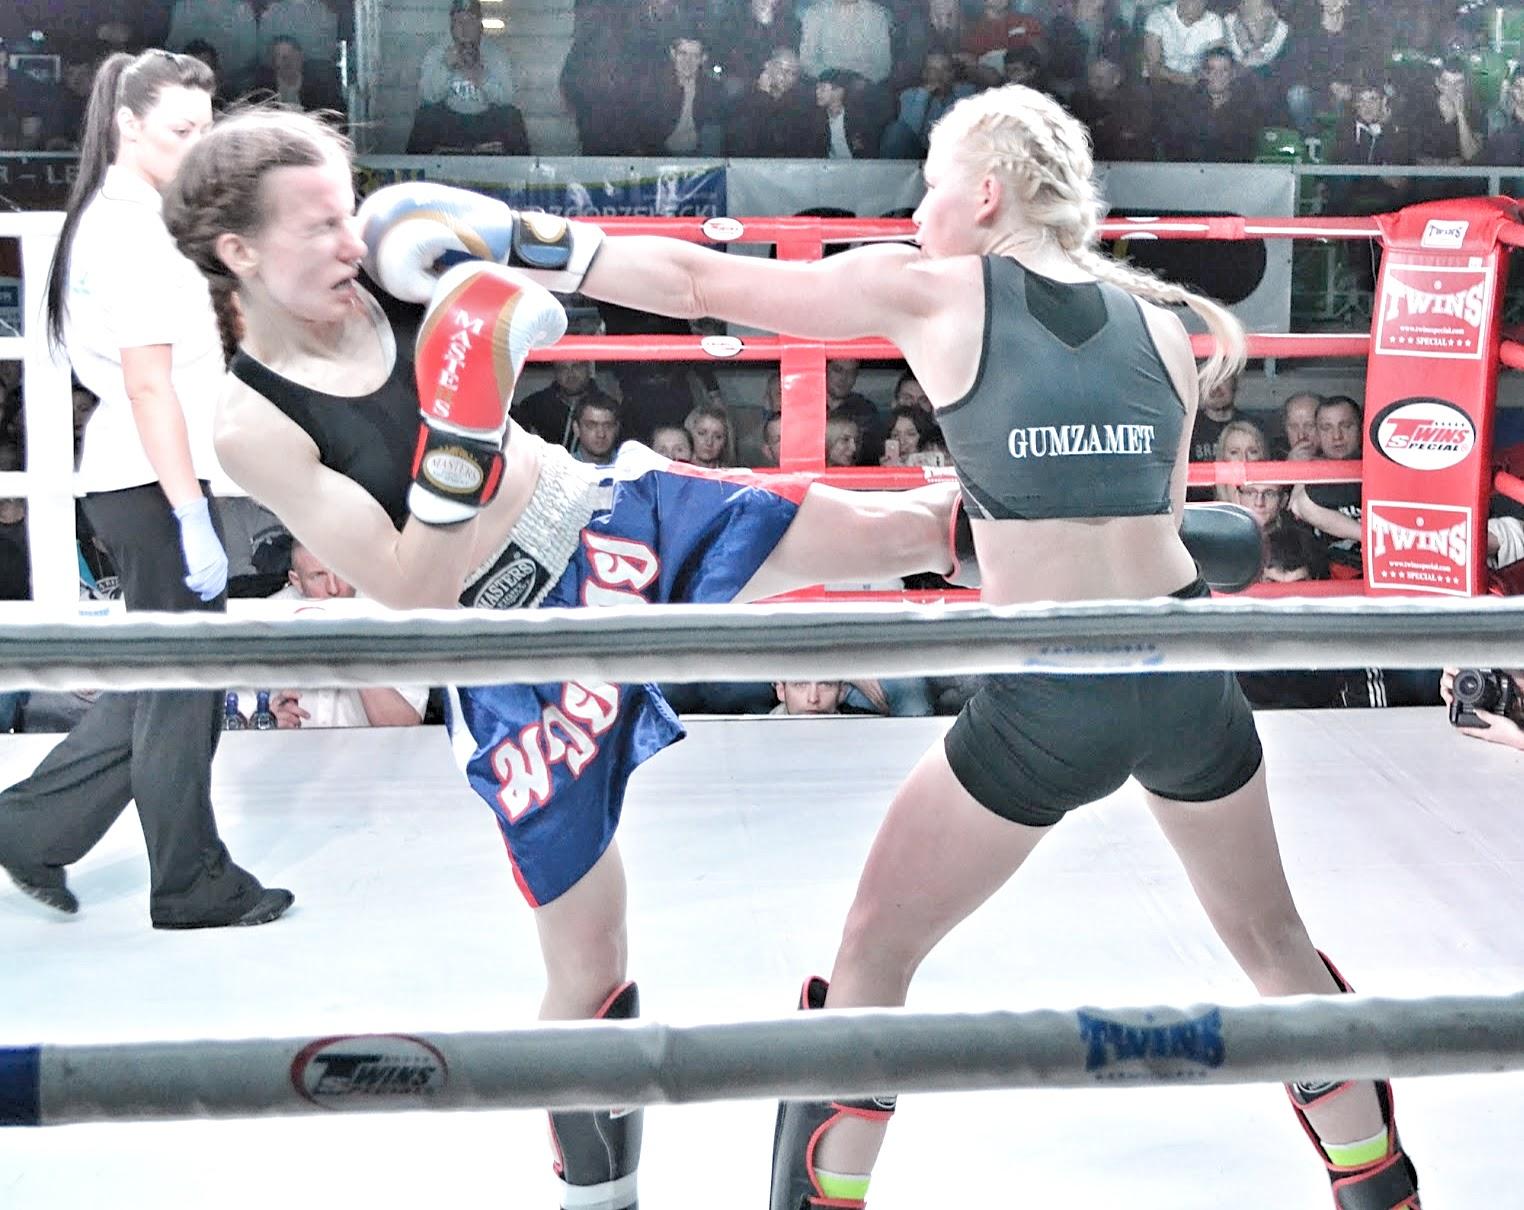 PGE Turów Arena, Zgorzelec, Emilia Czerwińska, Kickboxing, zawodowo, treningi, sport, kobiety, Zielona Góra, Gumzamet, kariera,